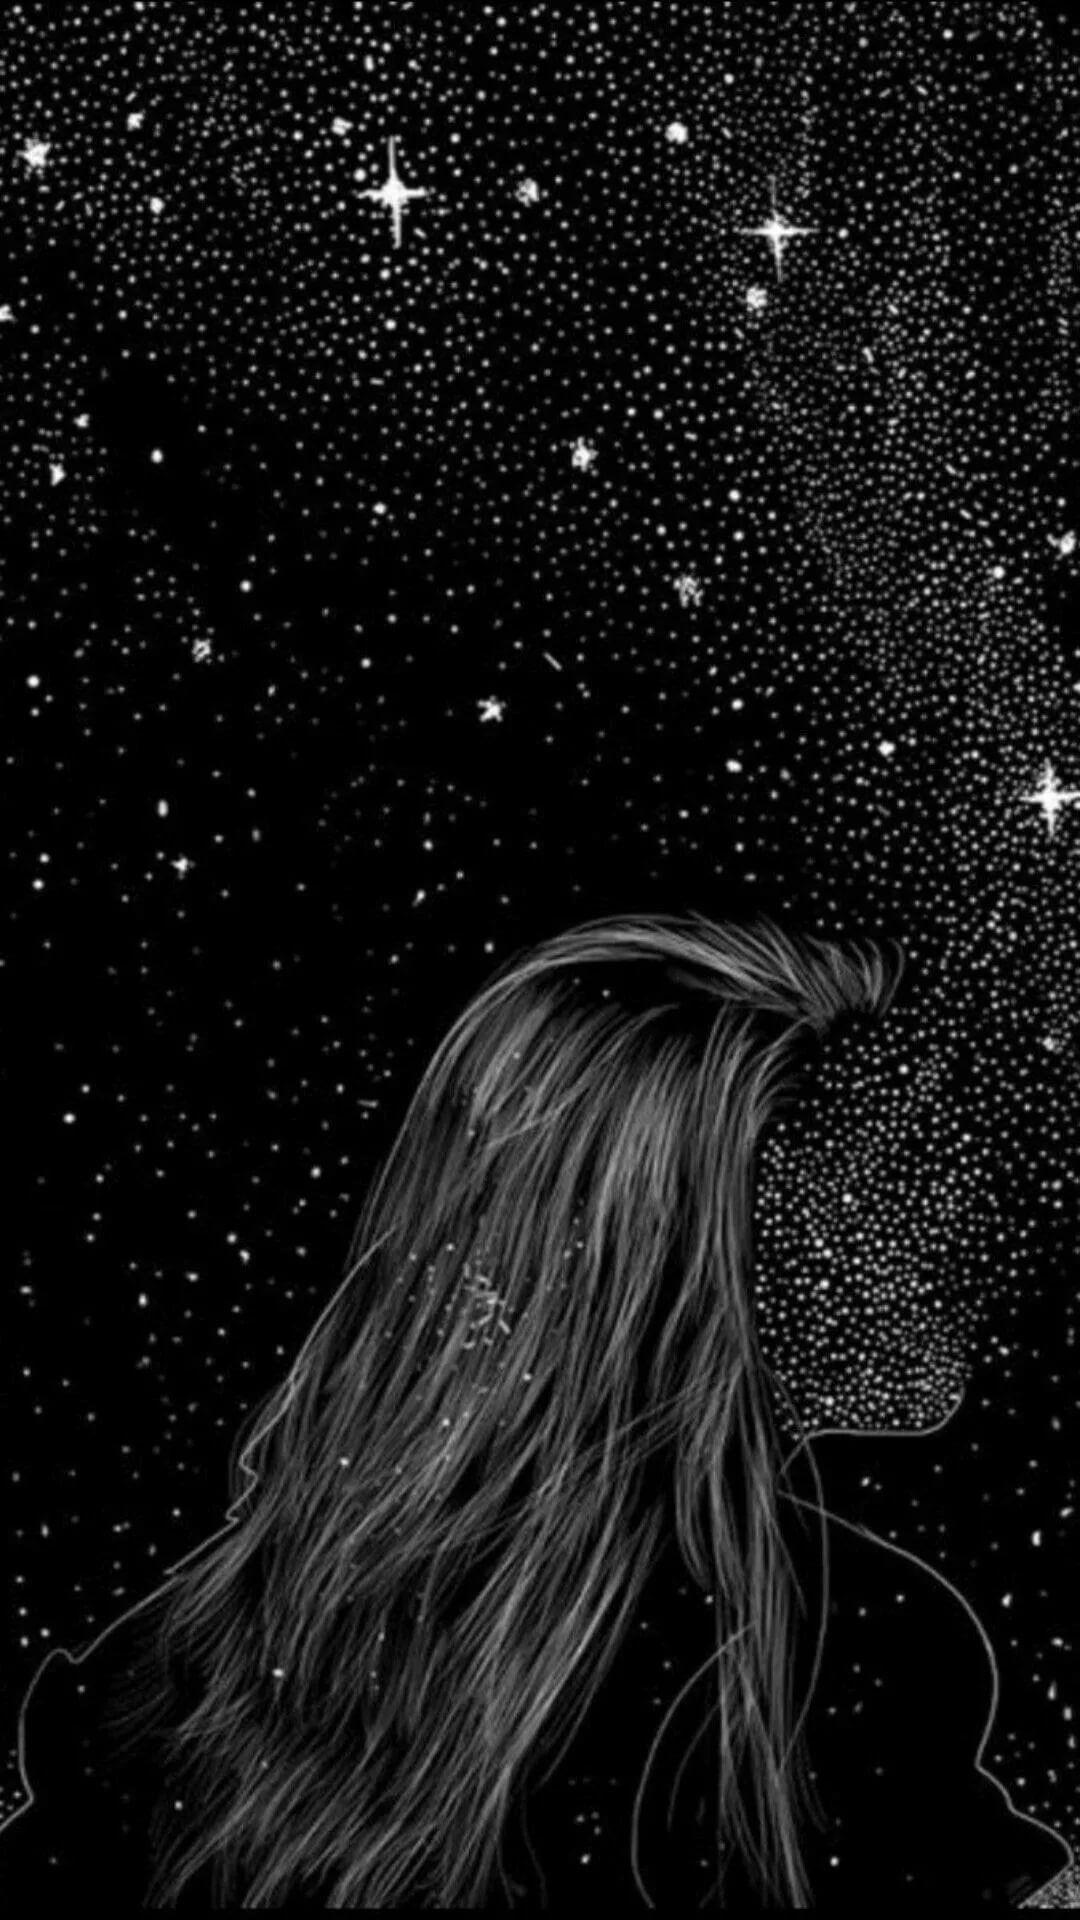 ästhetische schwarze Tapete für Mädchen   Tumblr Wallpaper ...